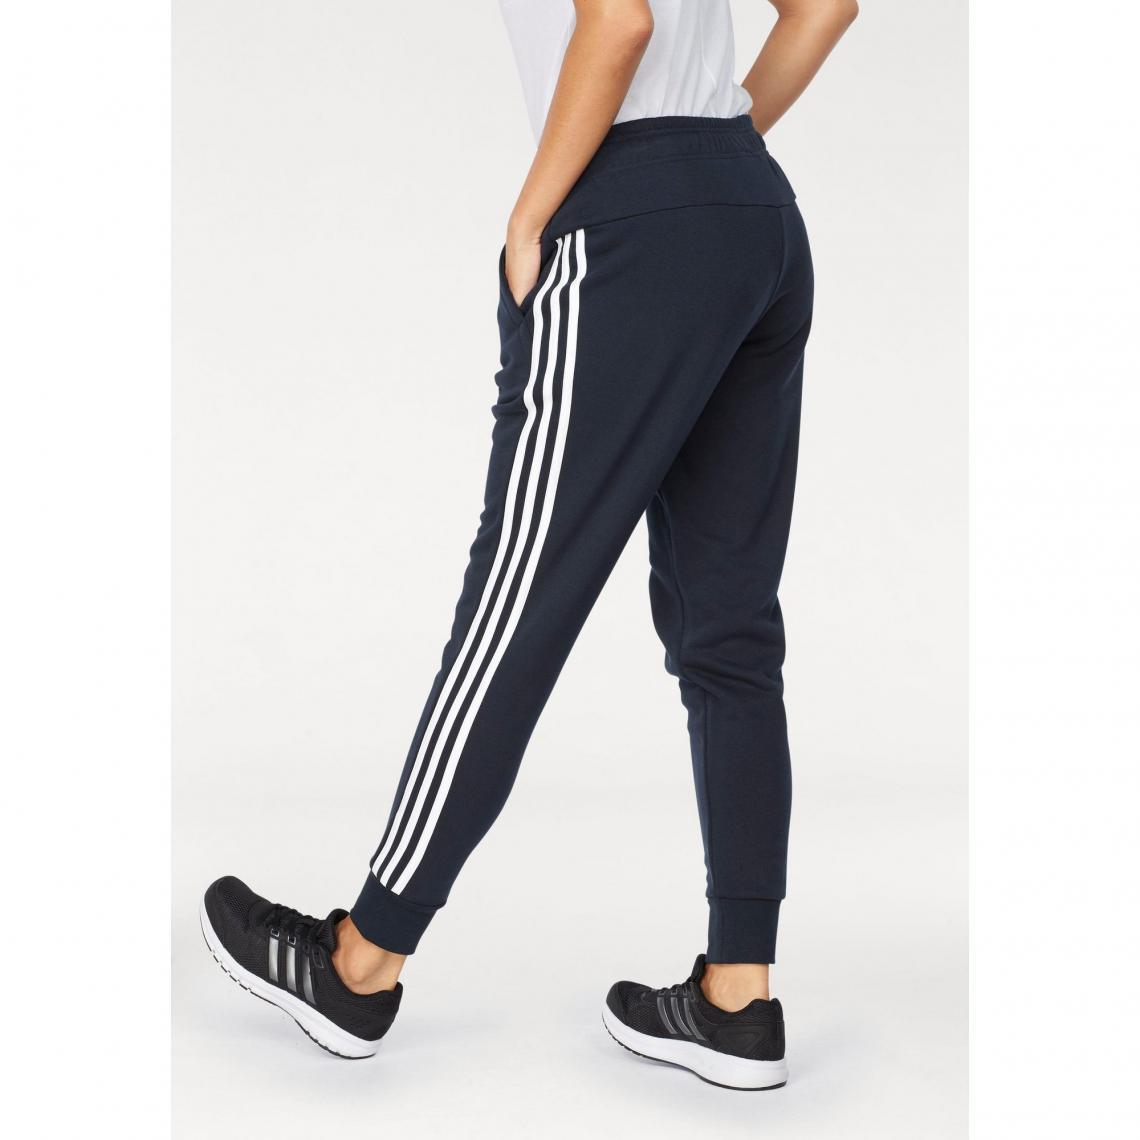 Pantalons de sport femme Adidas Performance Cliquez l image pour  l agrandir. Jogging ADIDAS Performance Essential 3S tapered pant ... 7b1965d3919